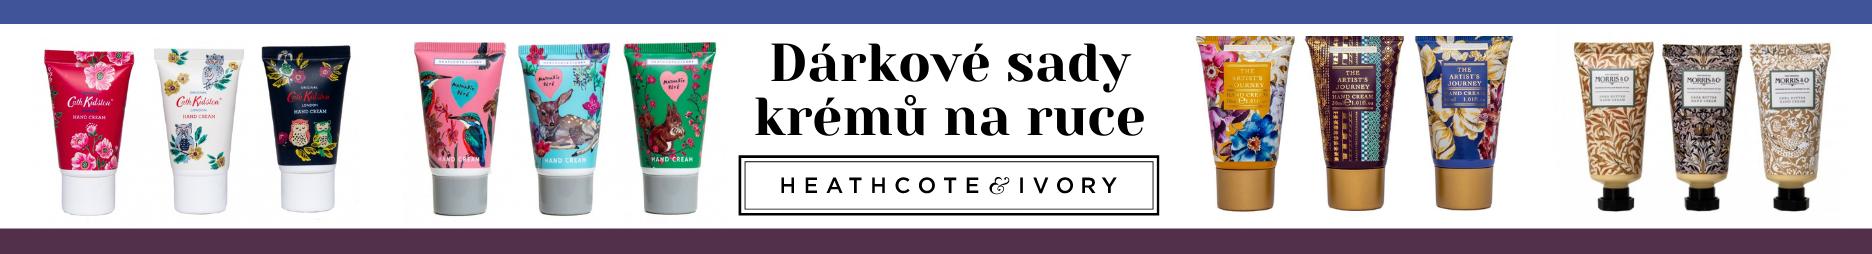 Heathcote & Ivory sady krémů na ruce a nehty